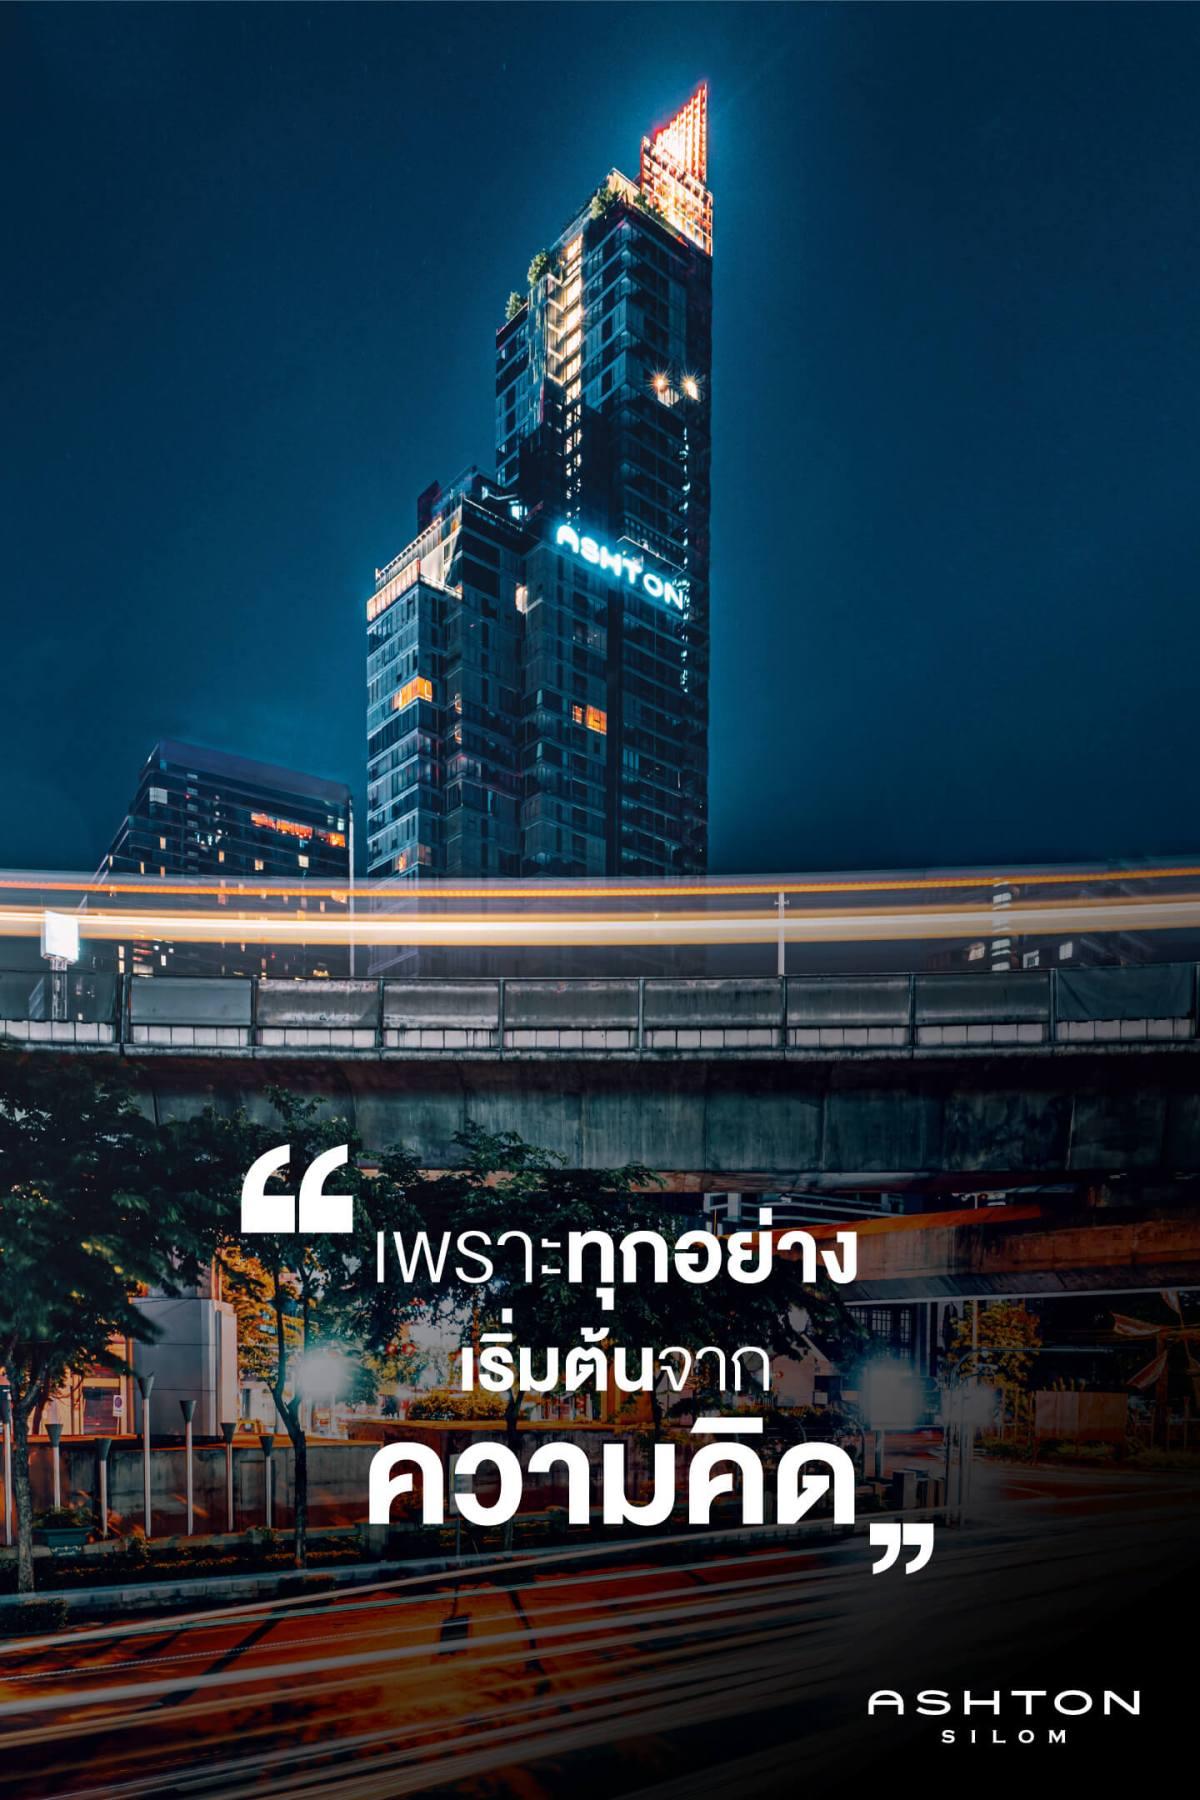 """อนันดาฯ """"คิด... เพื่อชีวิตคนเมือง"""" ตอกย้ำความเป็น Urban Living Solutions ตัวจริง 14 - Ananda"""